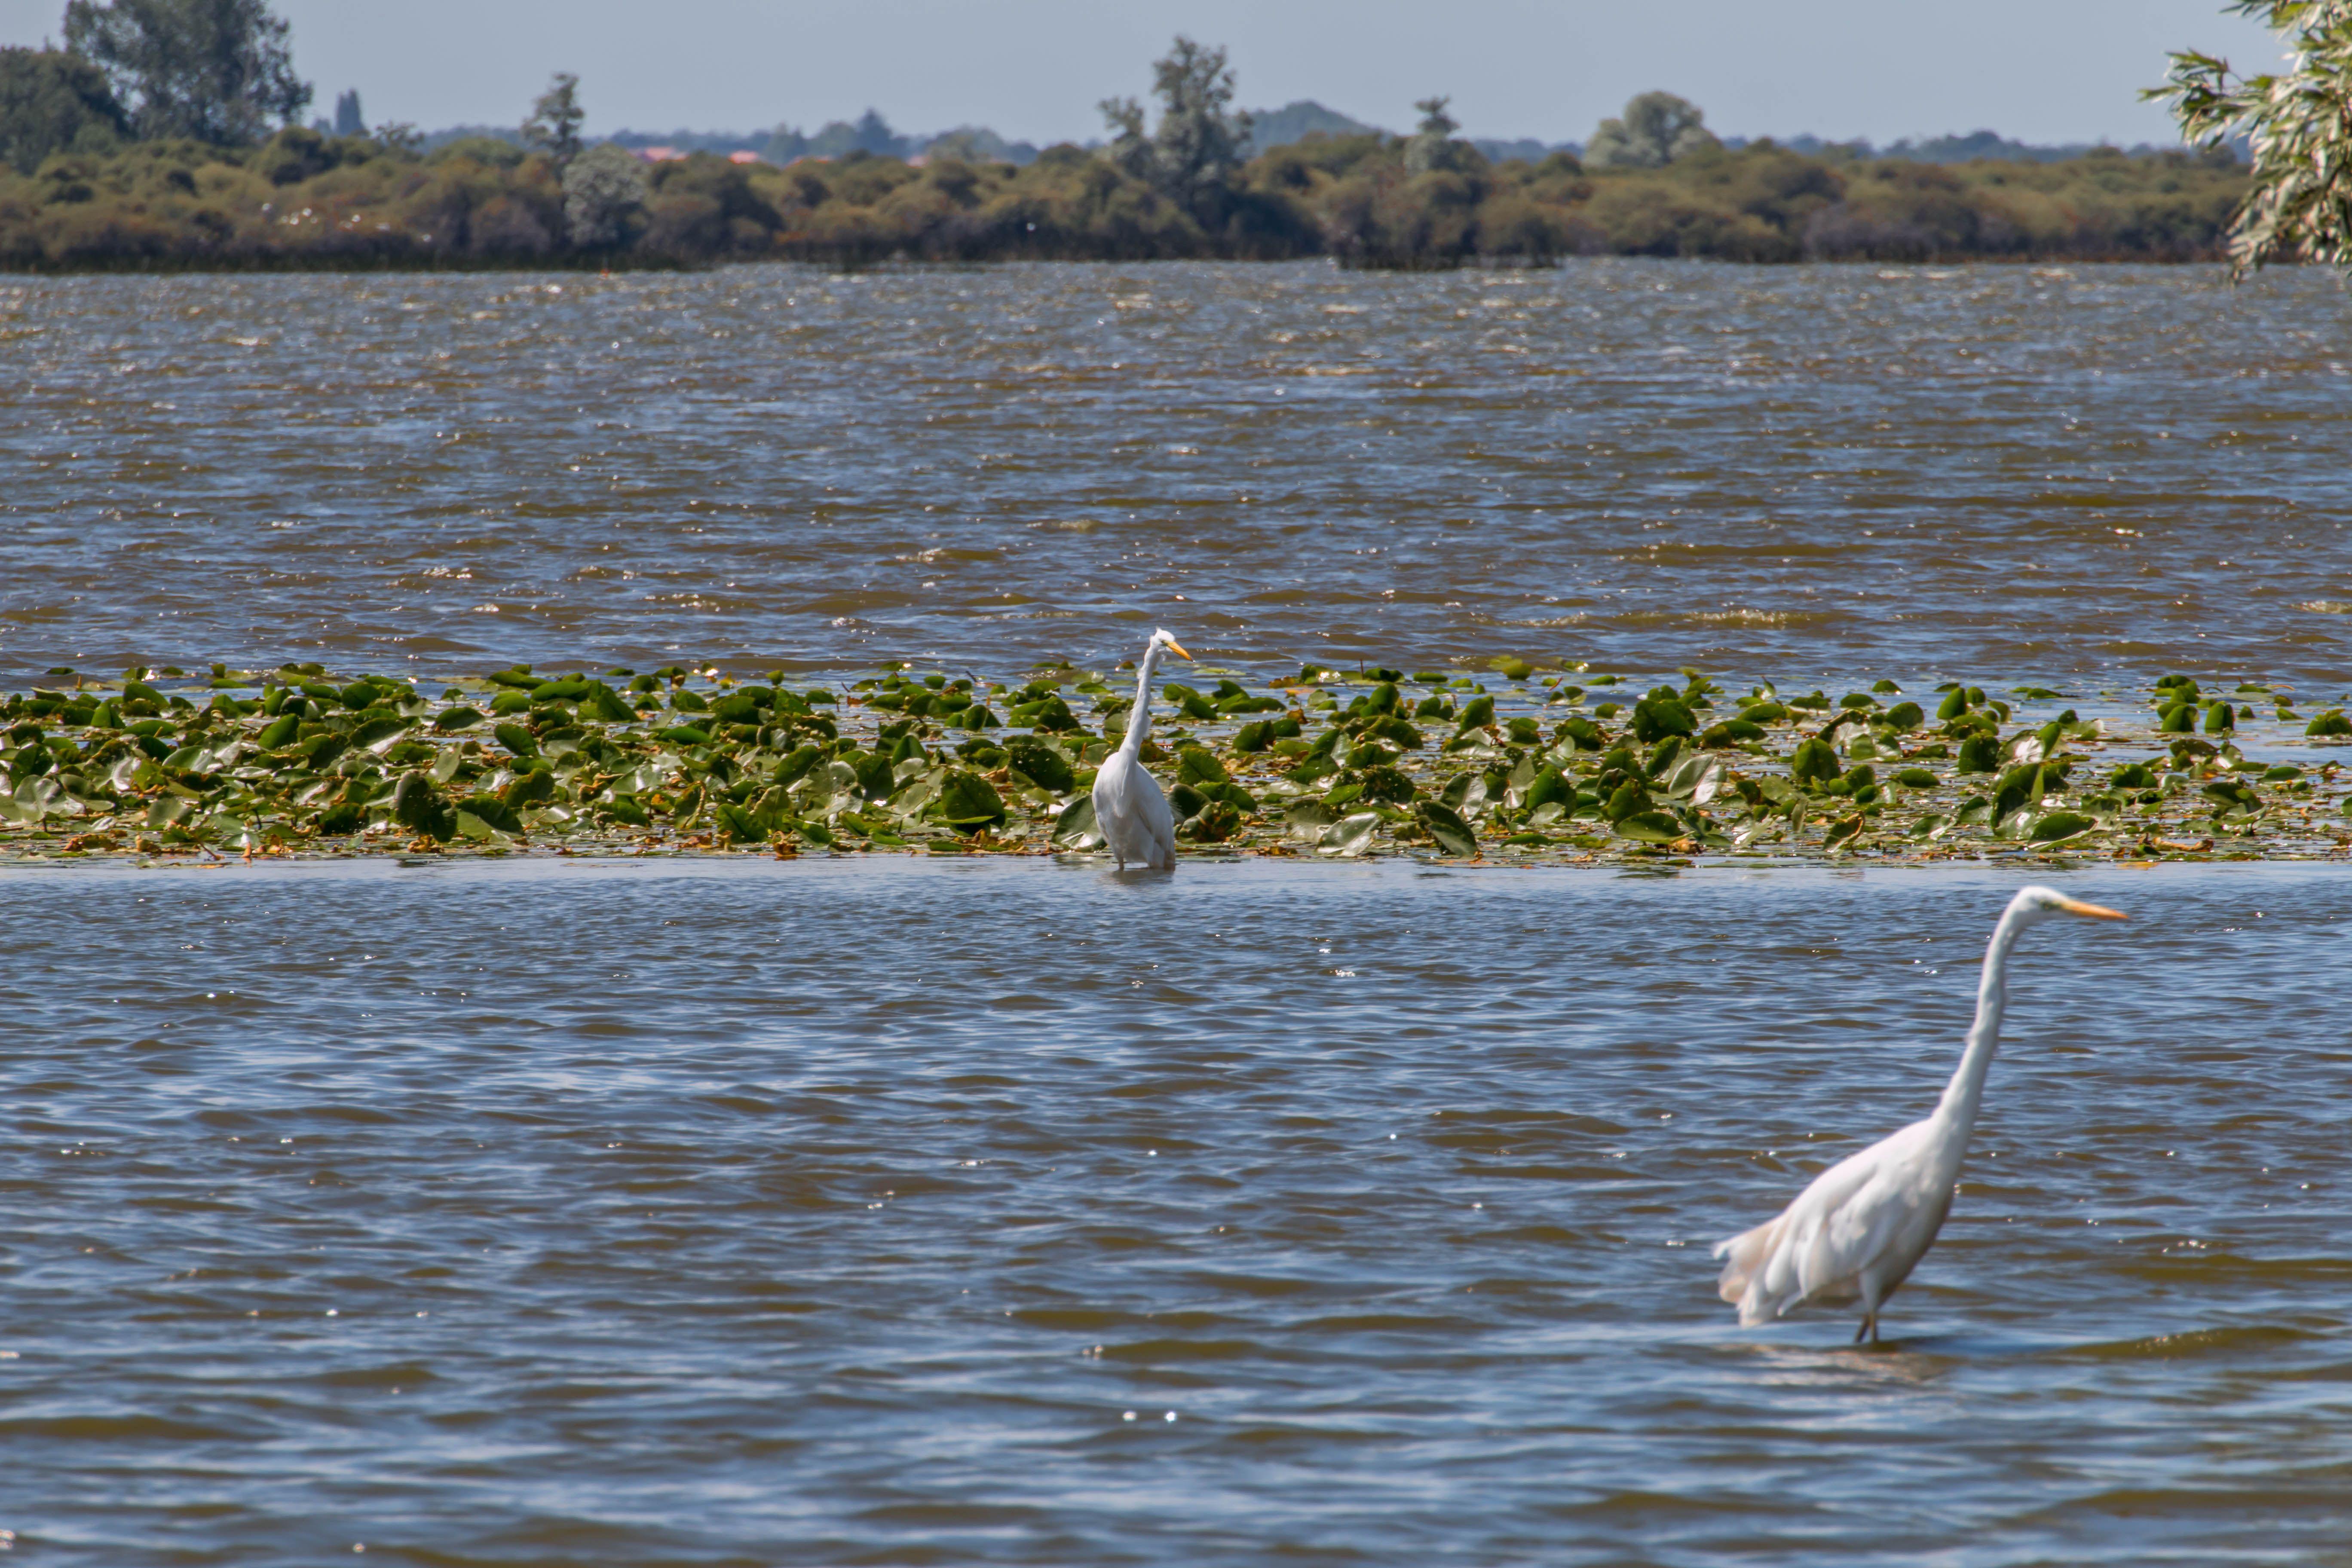 Héron sur un lac, en Loire-Atlantique